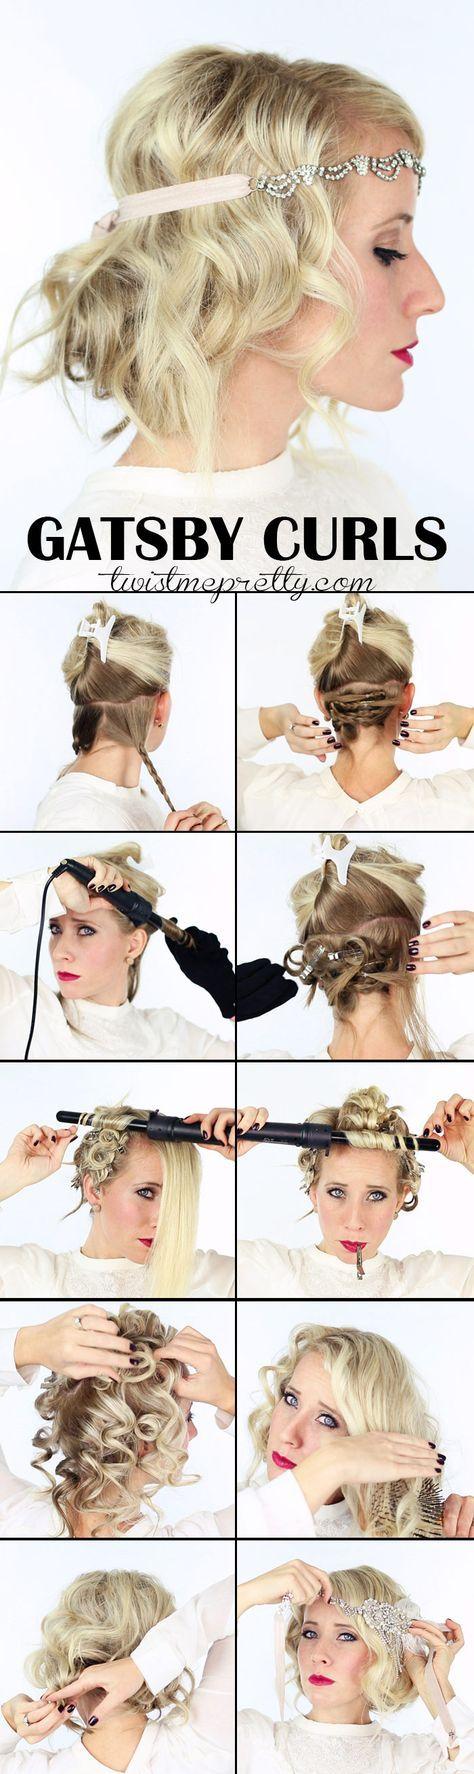 Die perfekten Haare im Stil der 20er Jahre... für jede Great Gatsby Party!